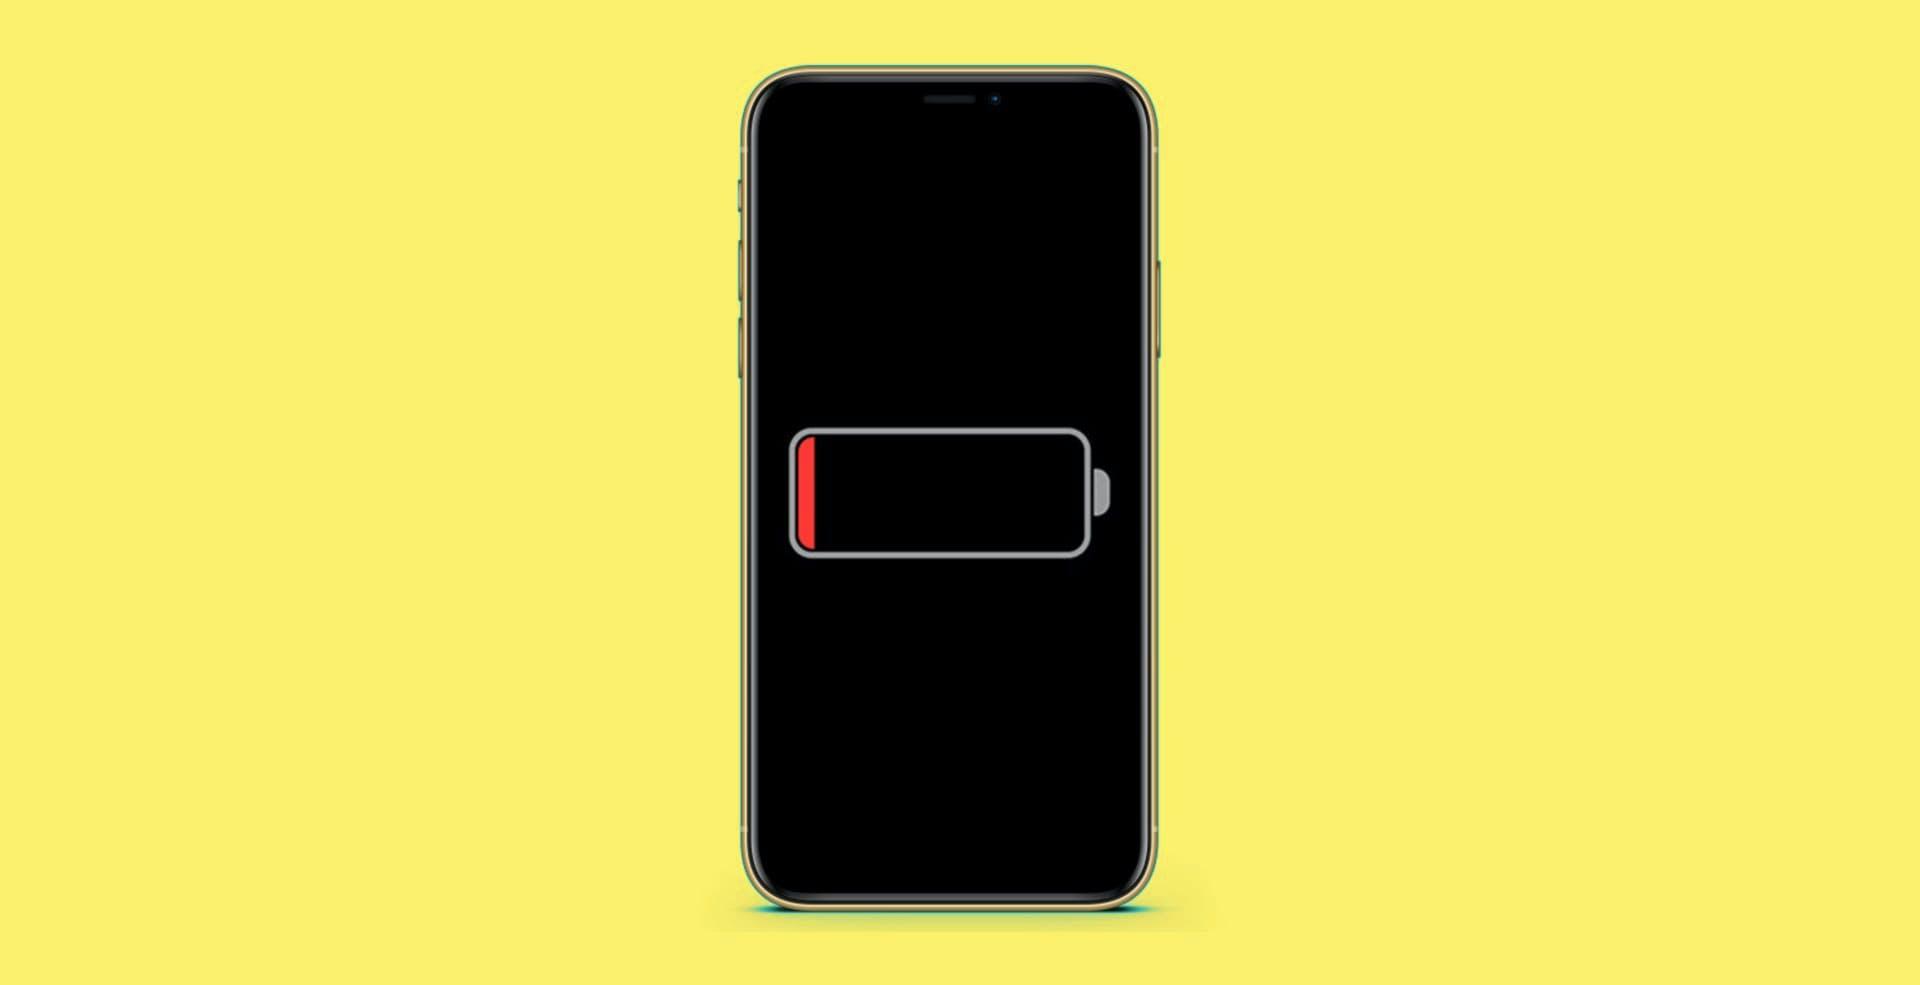 Con iOS 14.5 arriva la calibrazione della batteria dell'iPhone 11. Sostituzione gratuita se non va a buon fine